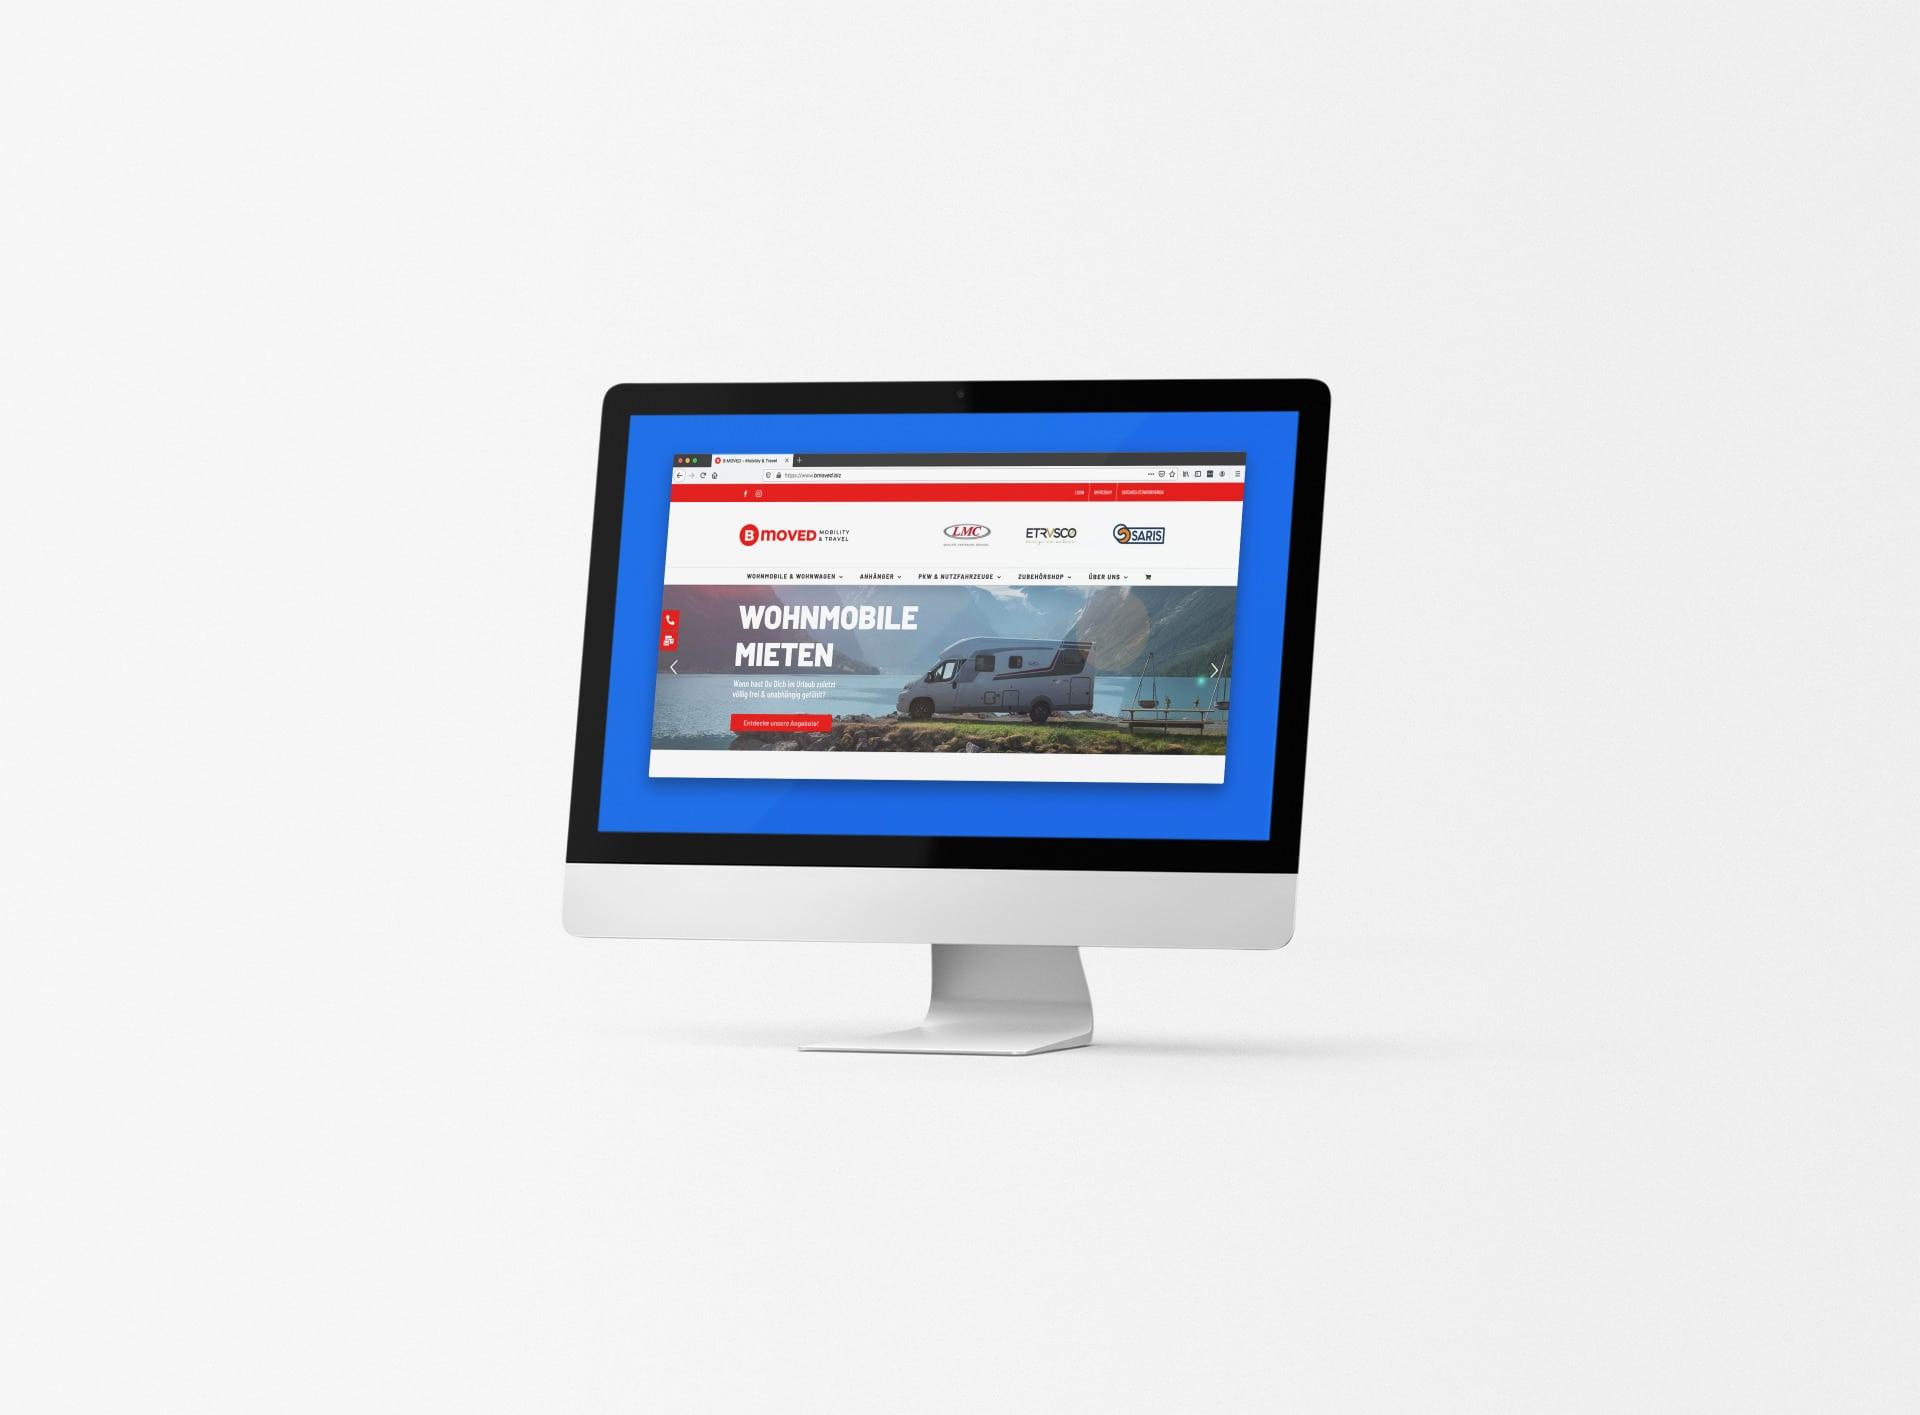 bmoved website shop